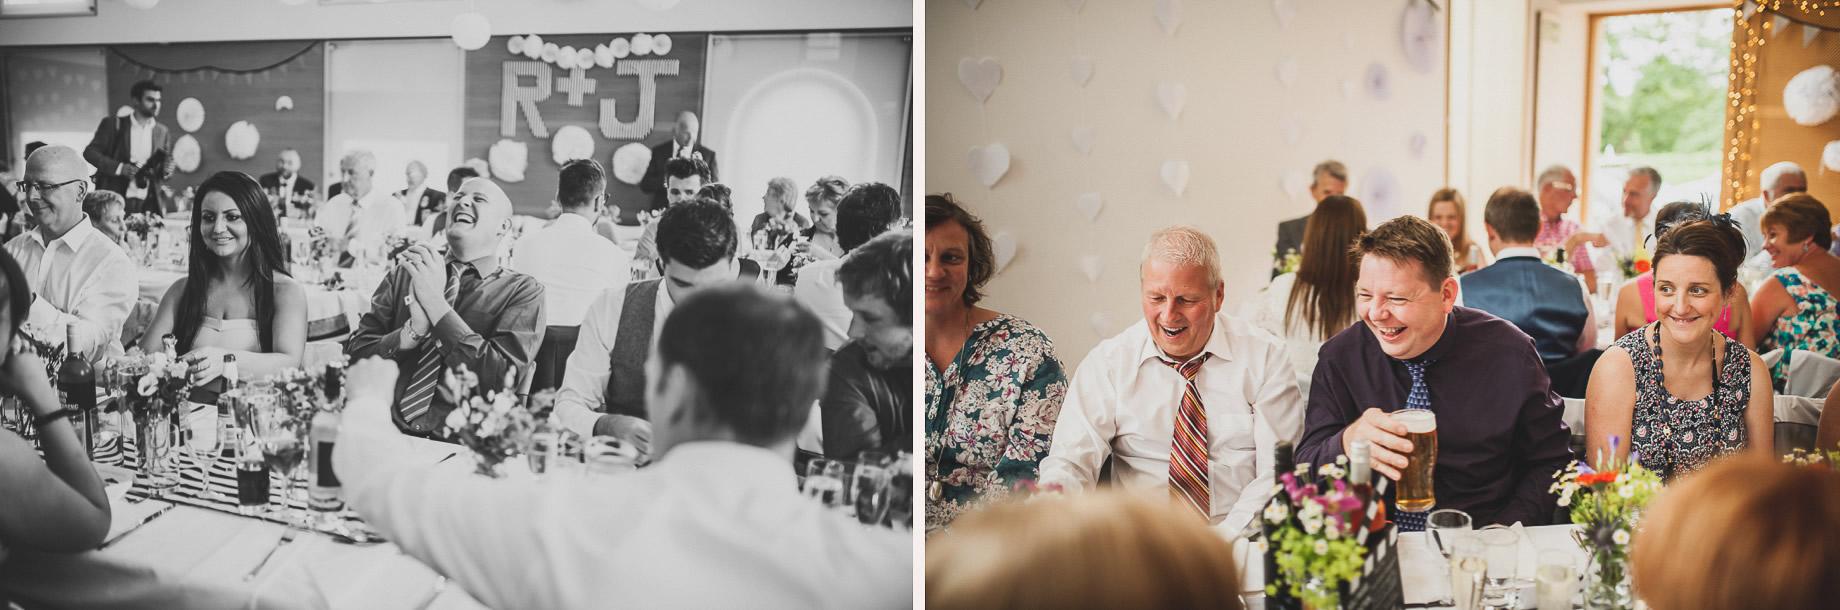 Becky and John's Wedding at Slaidburn Village Hall 137